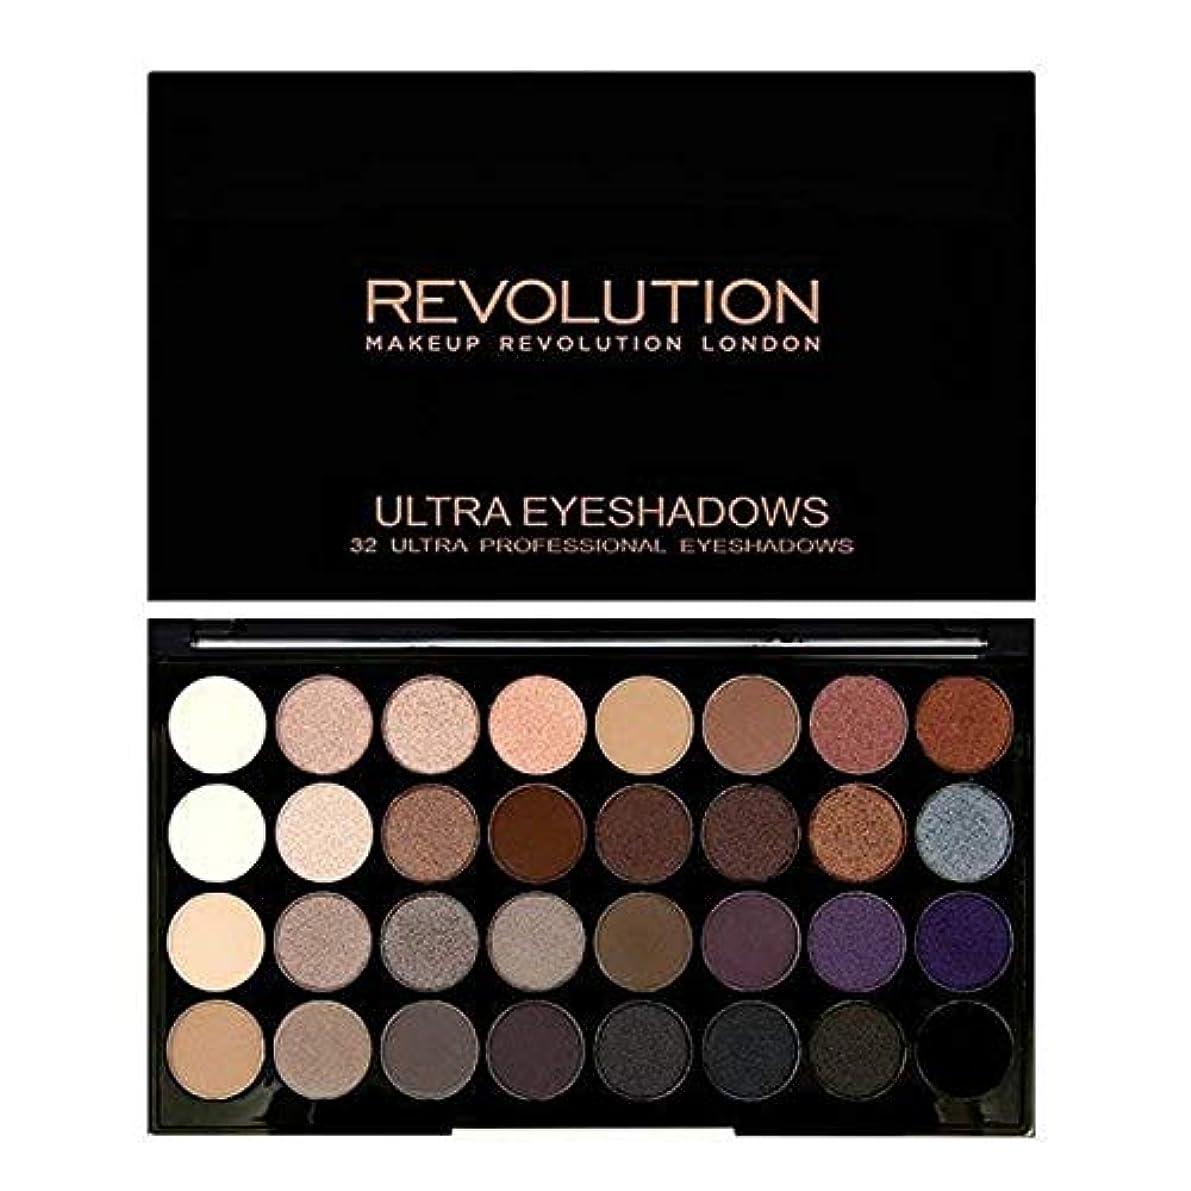 悲劇変形パワー[Revolution ] 革命32アイシャドウパレット肯定 - Revolution 32 Eye Shadow Palette Affirmation [並行輸入品]